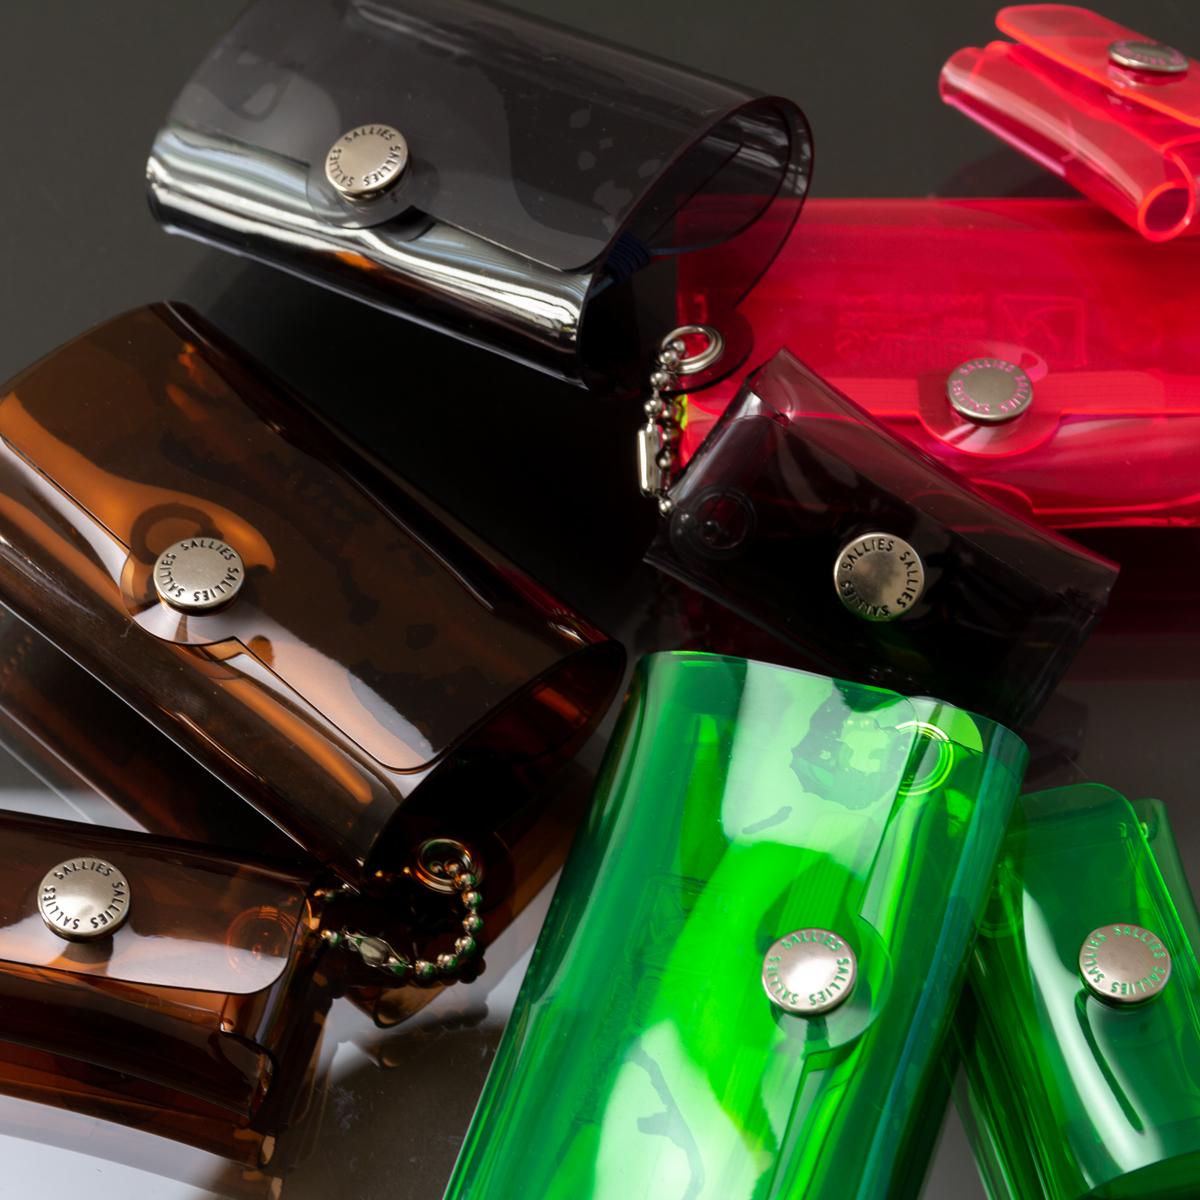 日本の職人による丁寧なものづくりと品質の高さにこだわる、メイド・イン・ジャパンのPVC素材の「ミニ財布」|SALLIES